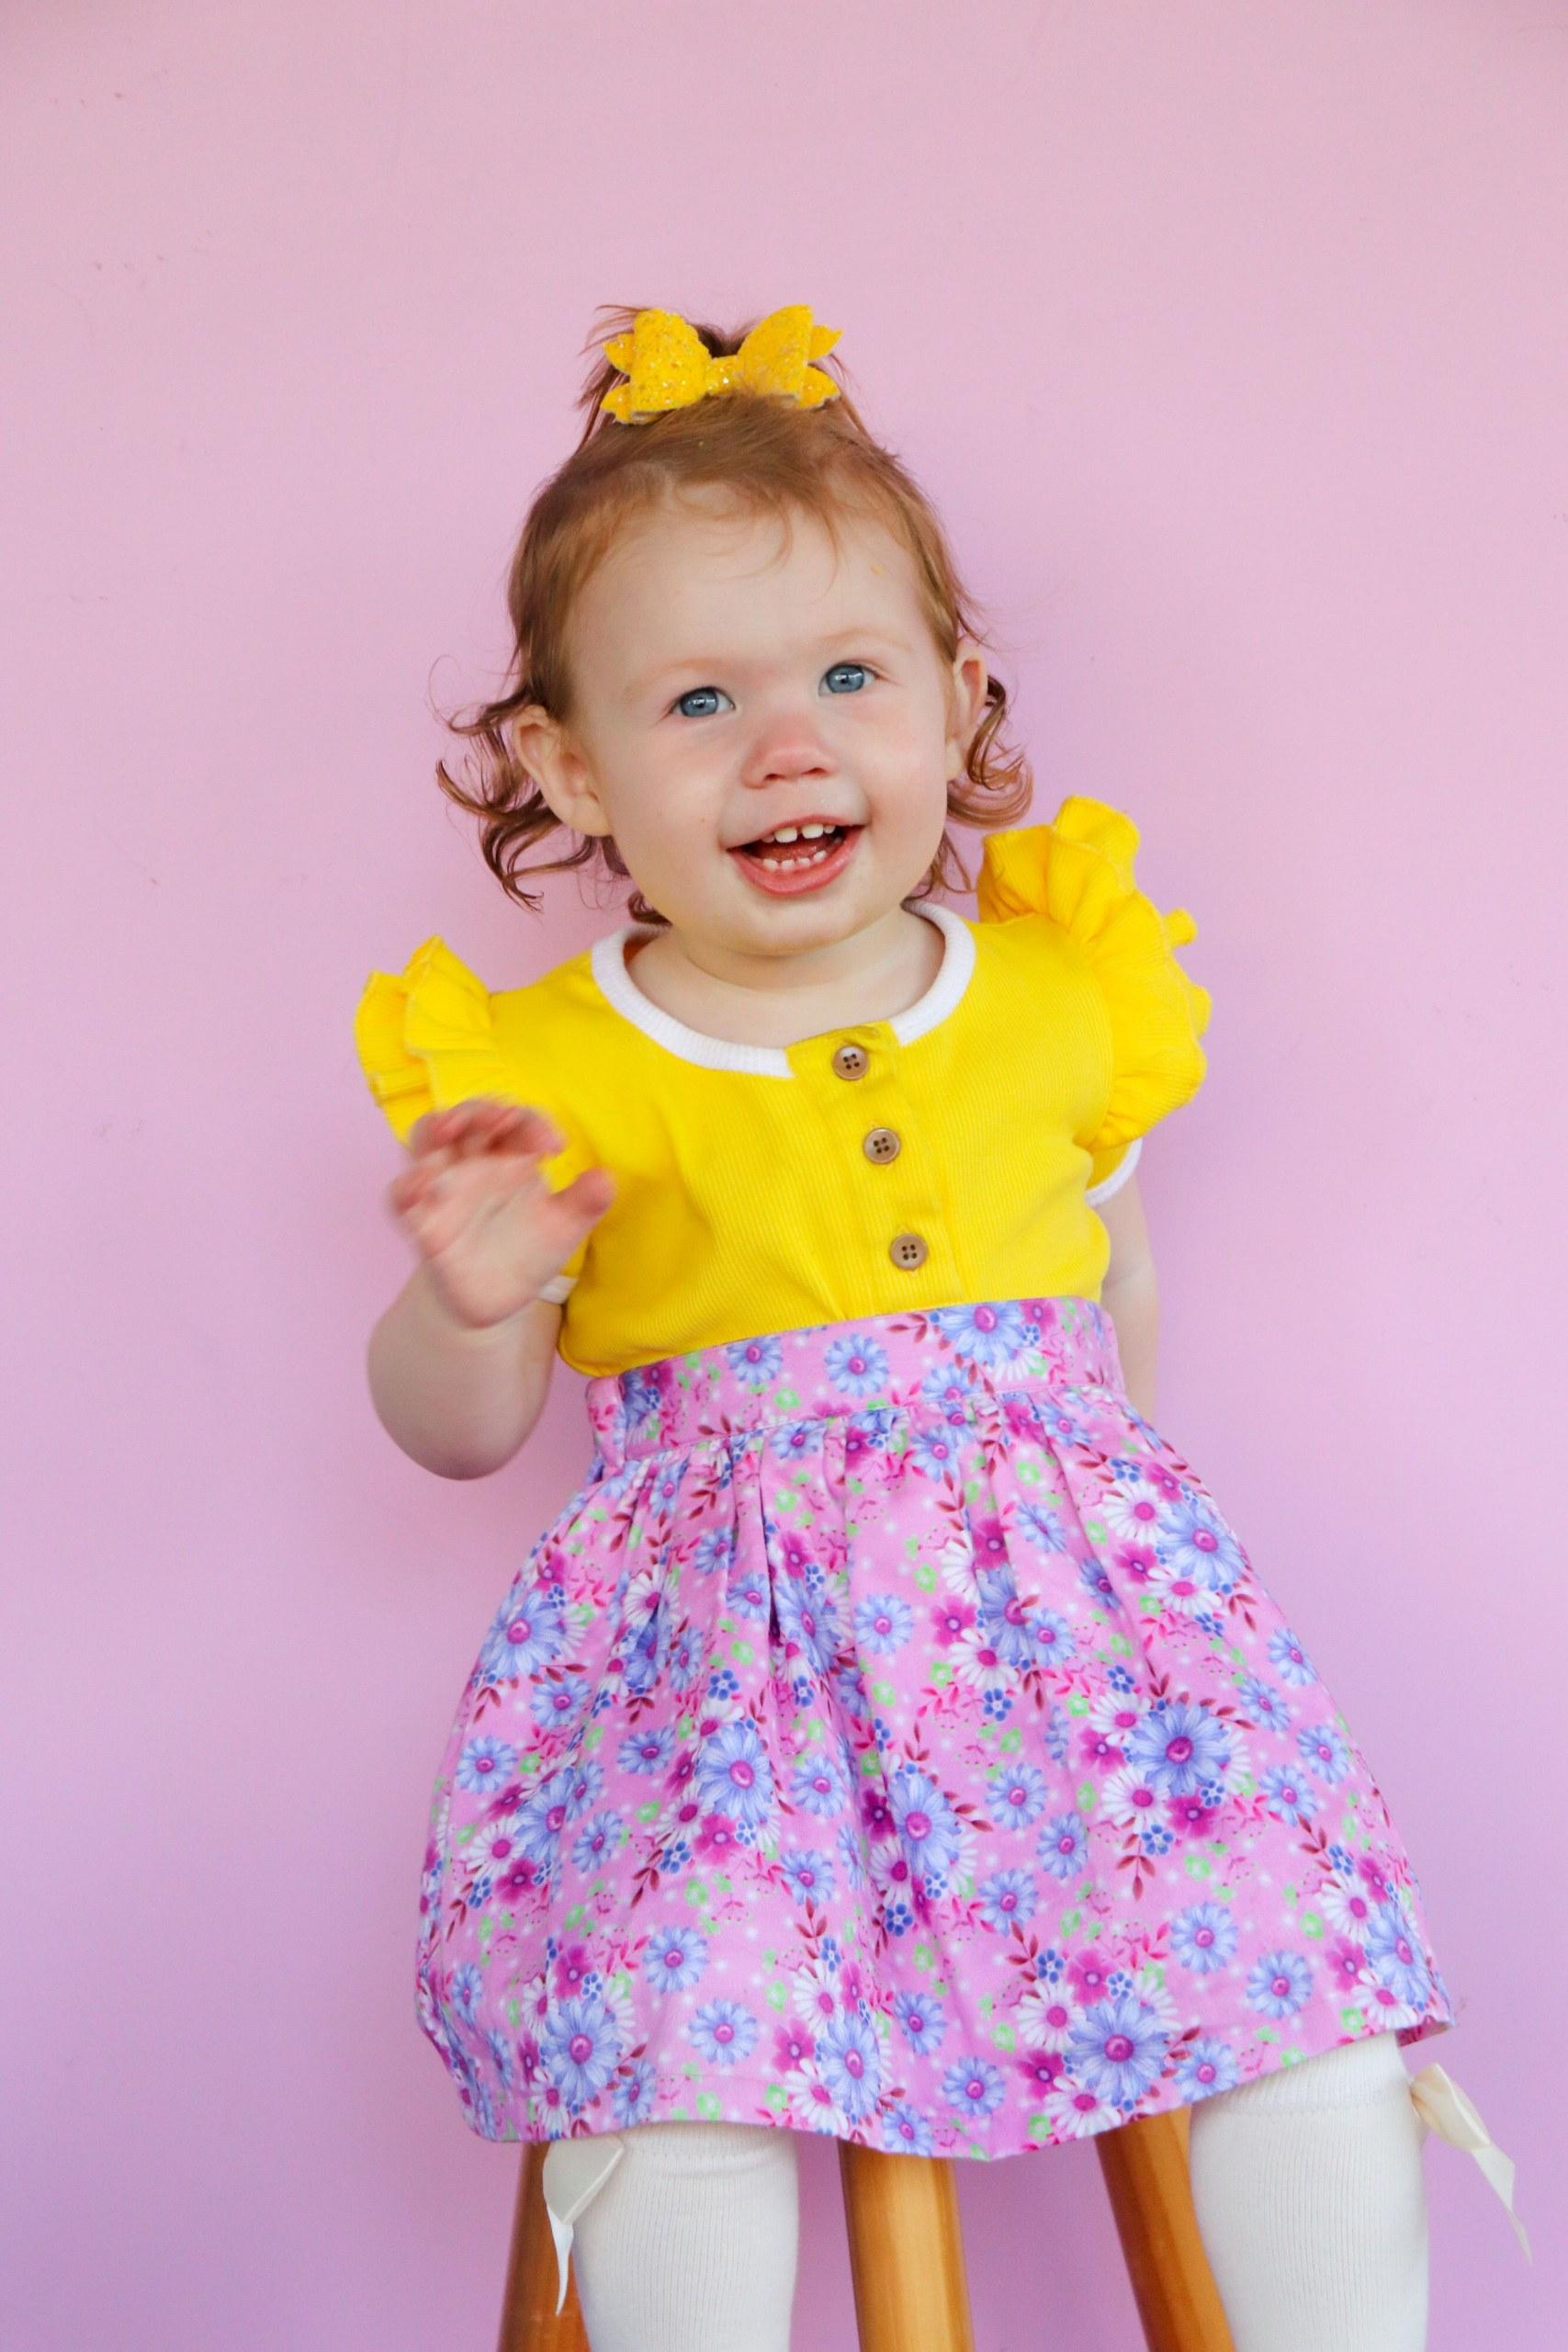 Cute girl wearing suspender skirt